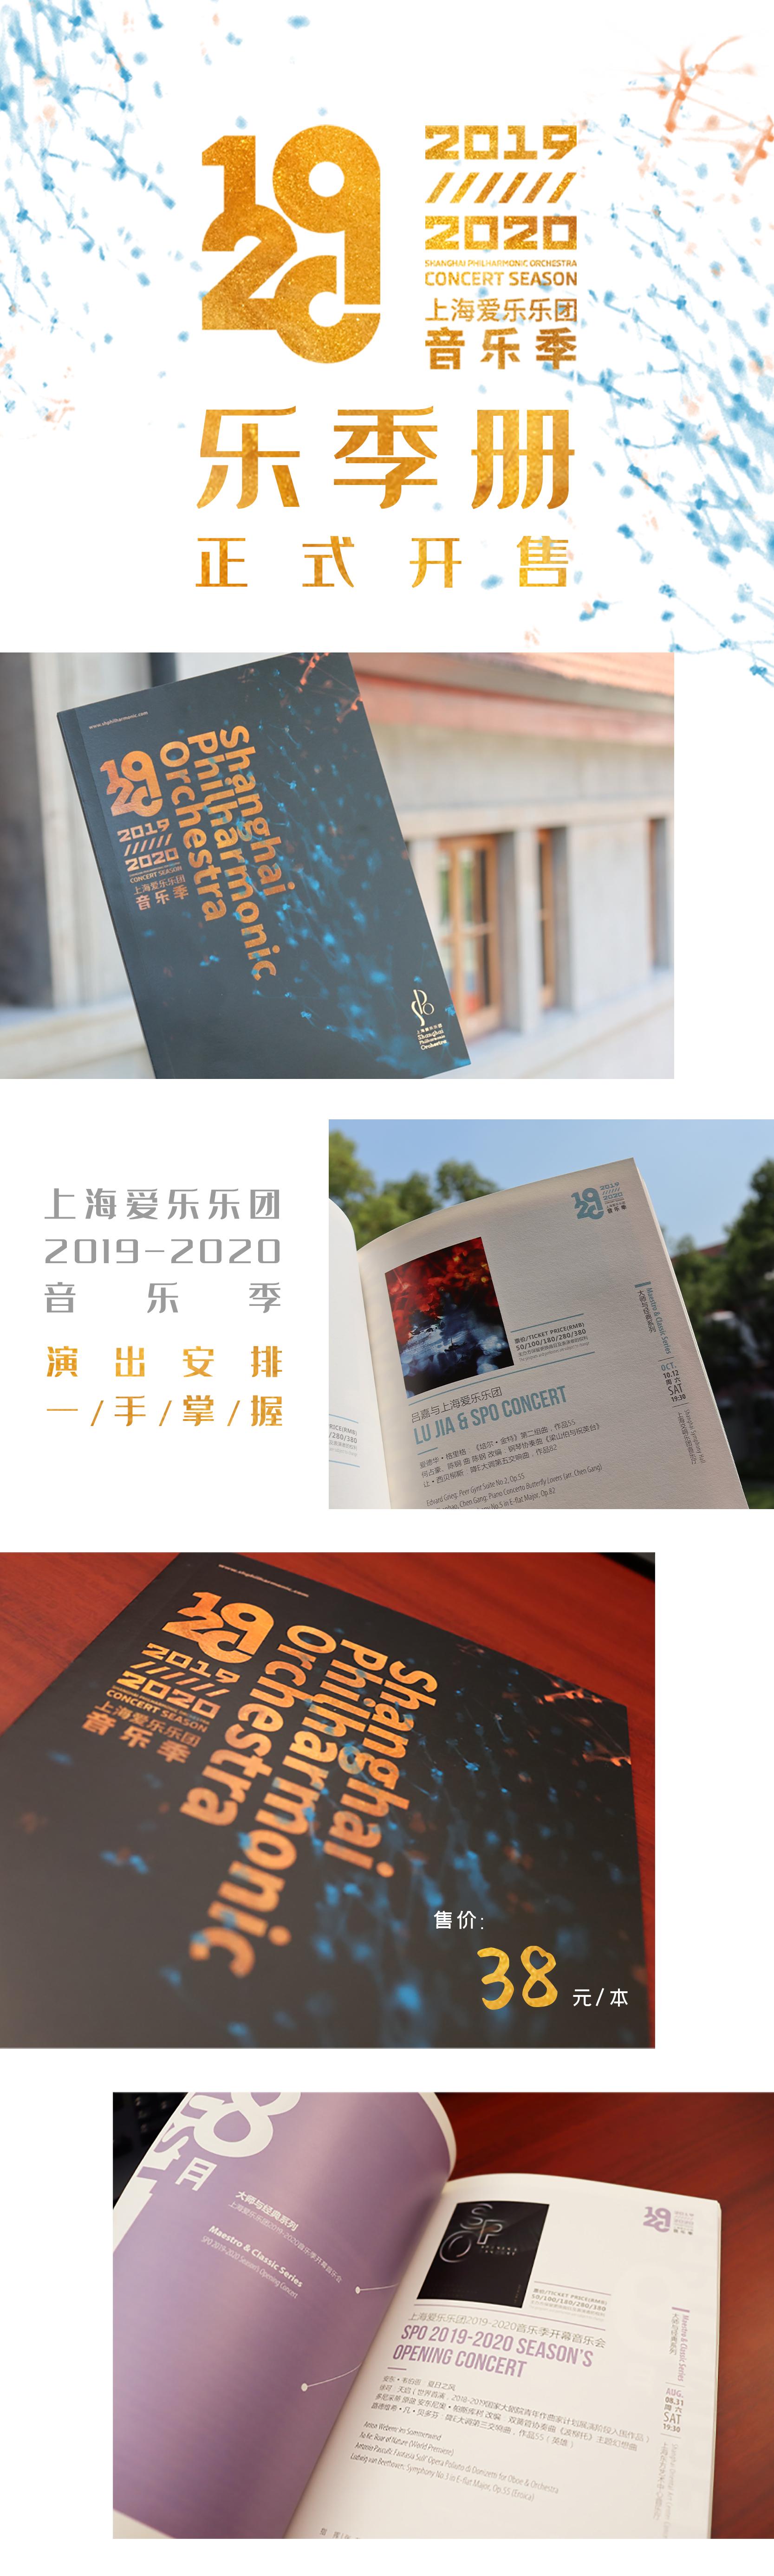 乐季册宣传xianchang.jpg.jpg